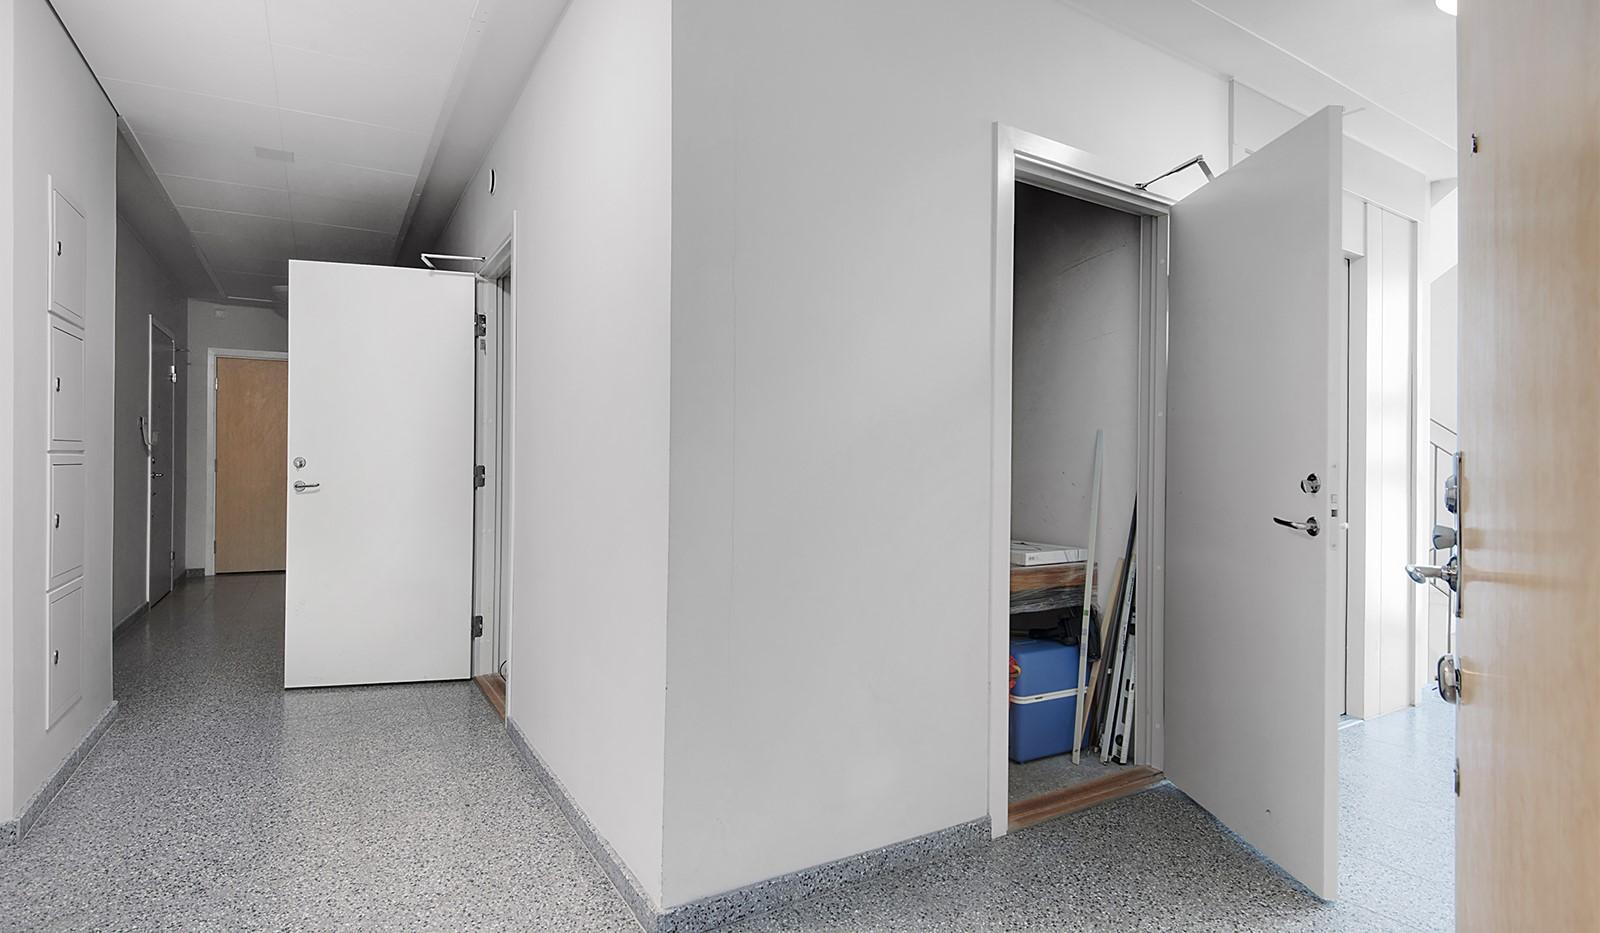 Redargatan 3, vån 4 - Stort förråd i direkt anslutning till lägenheten